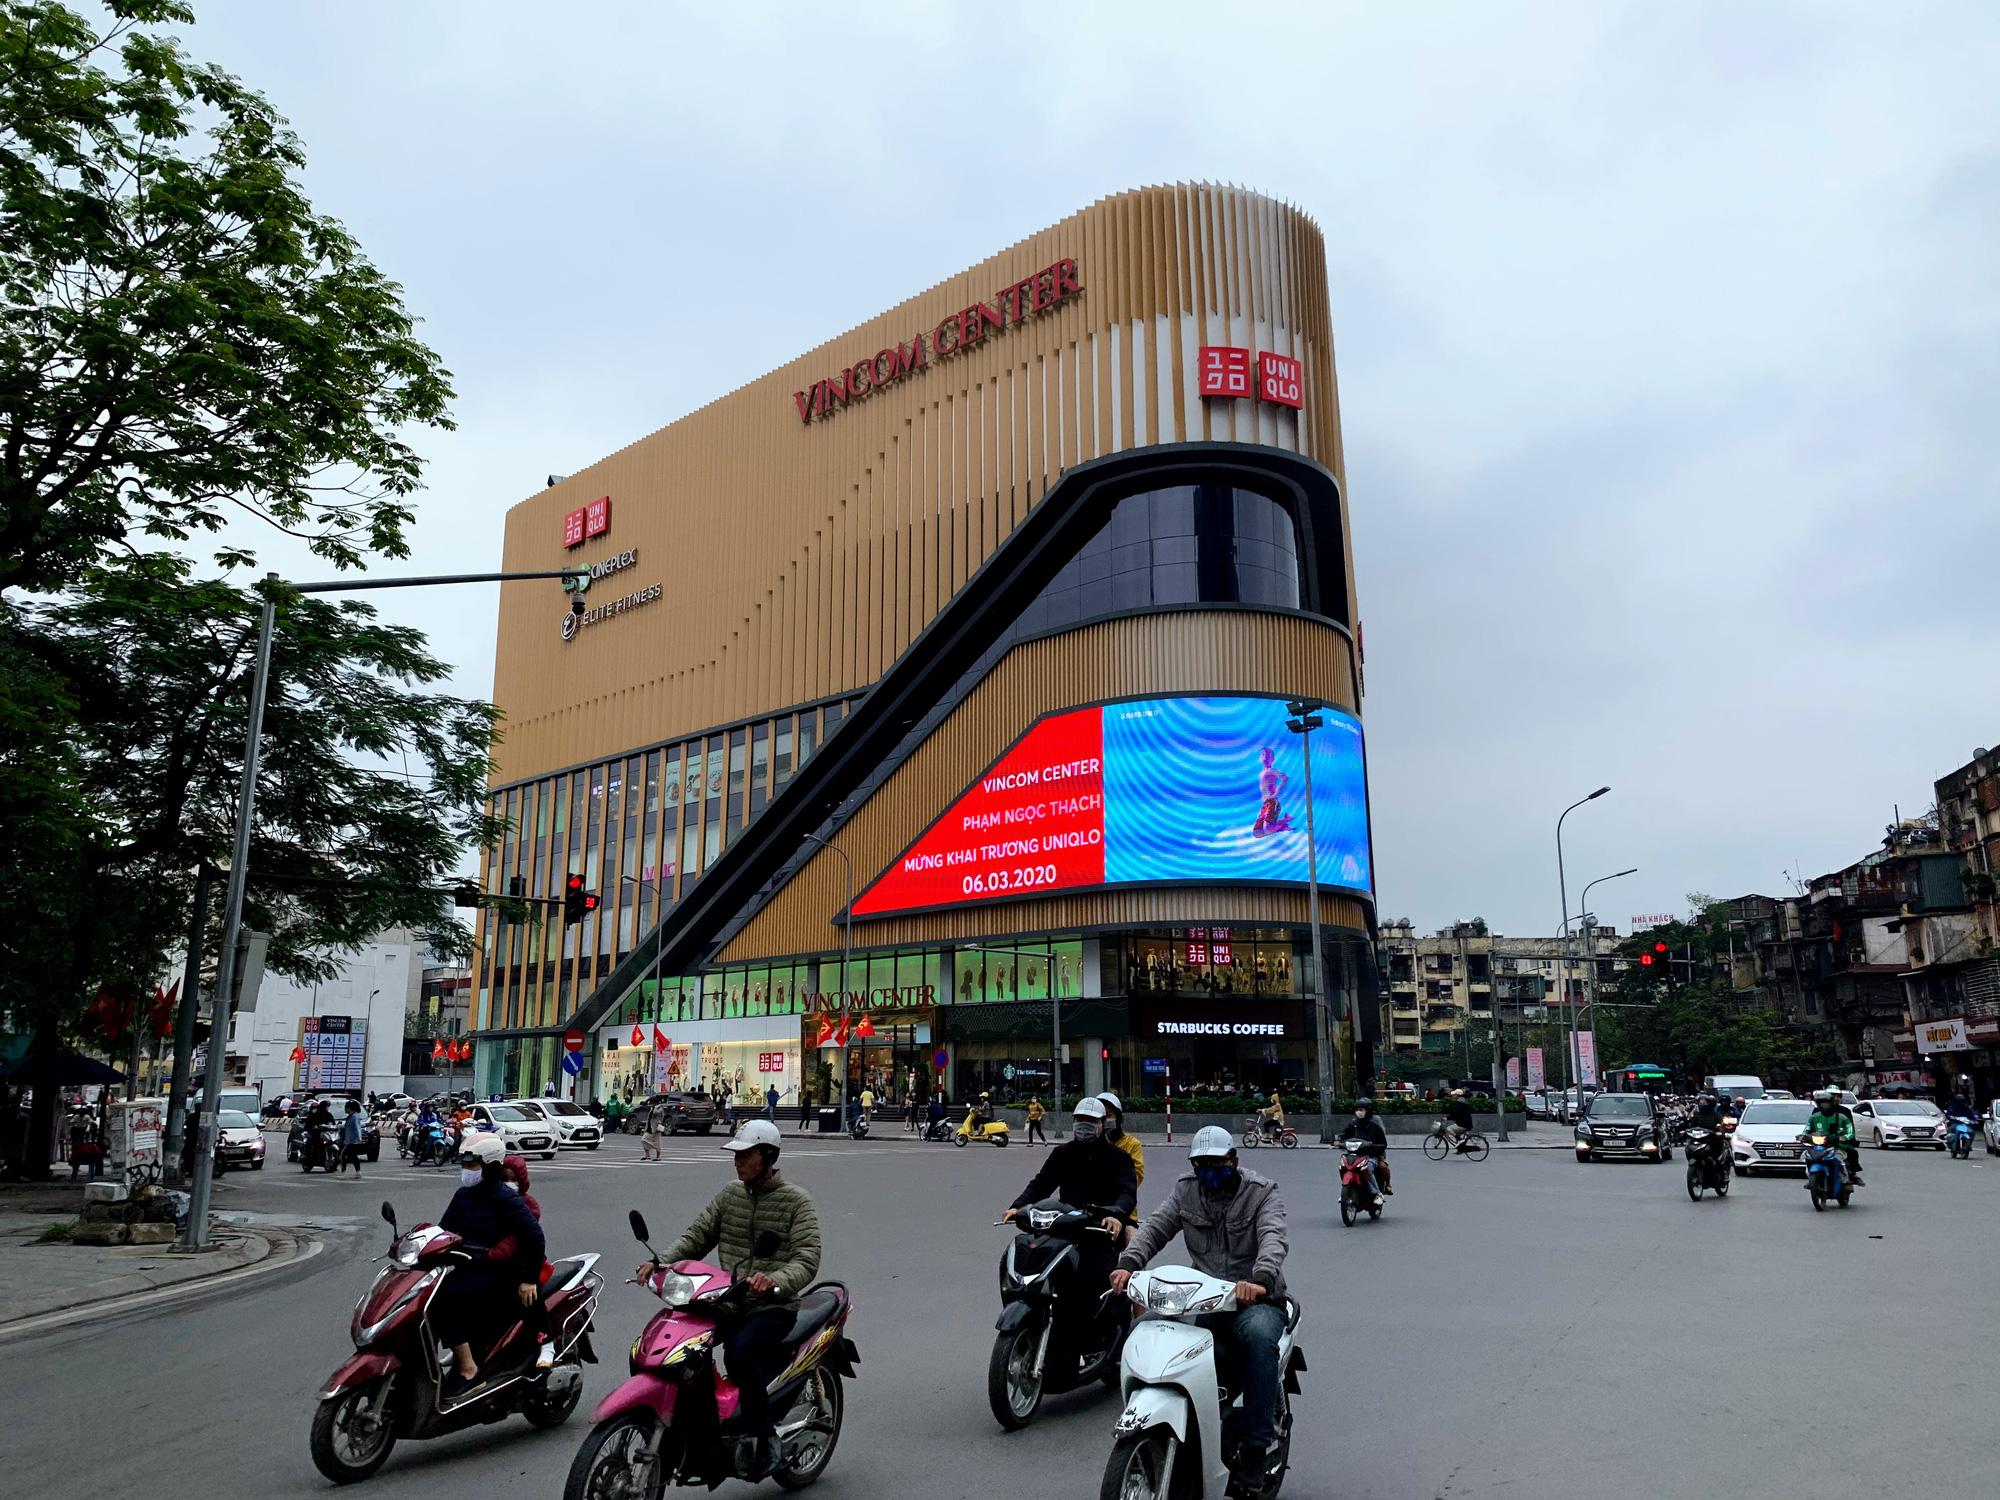 Bên trong cửa hàng Uniqlo lớn nhất Đông Nam Á ở Hà Nội có gì? - Ảnh 15.